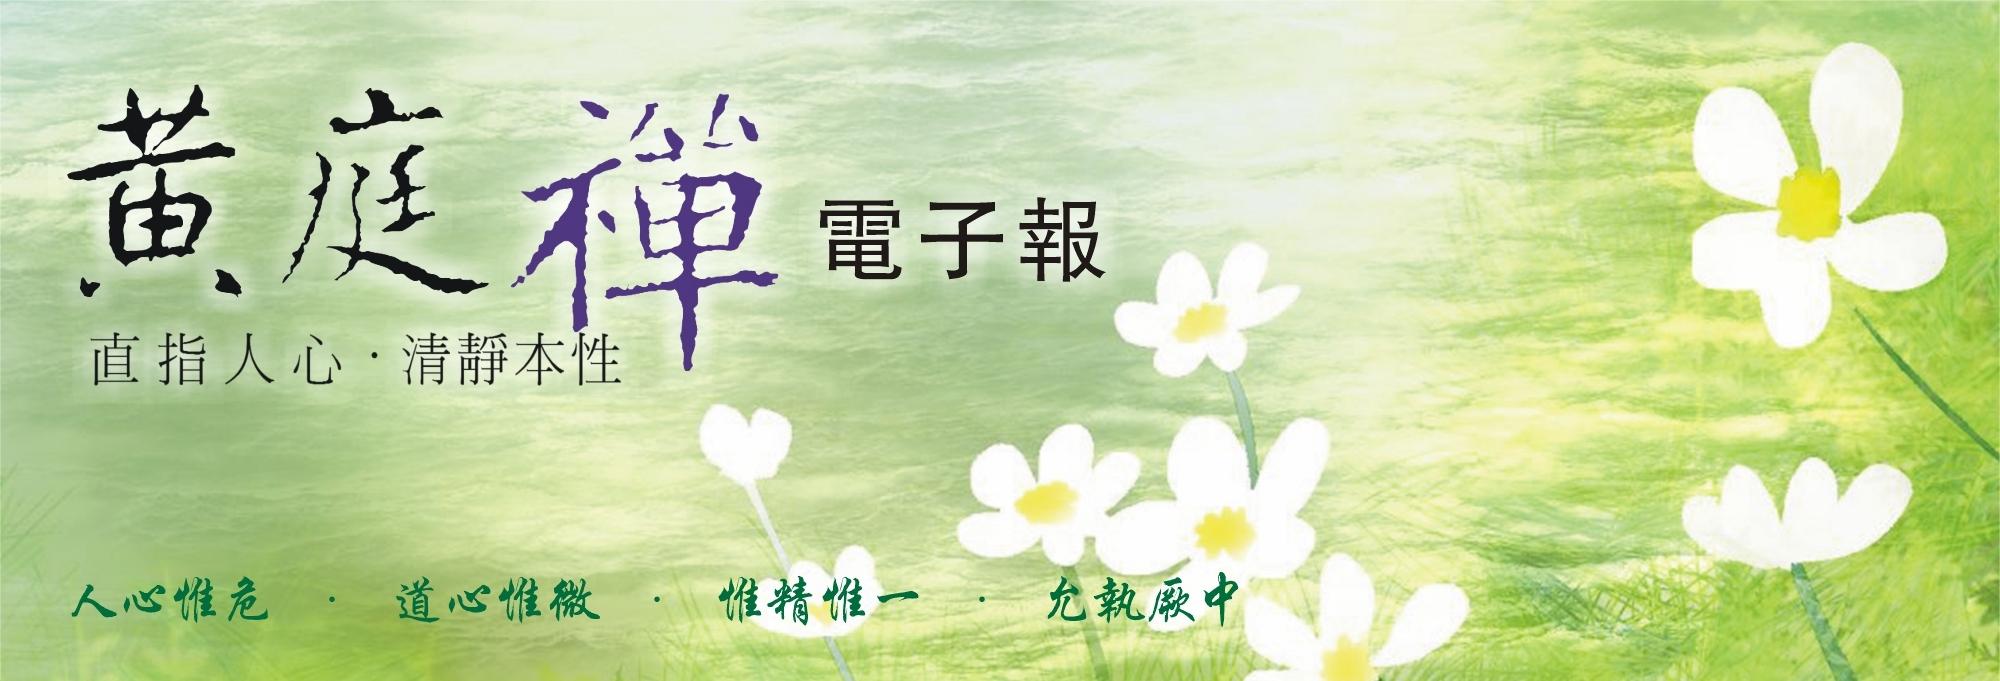 中華黃庭禪學會2017.08.01電子報